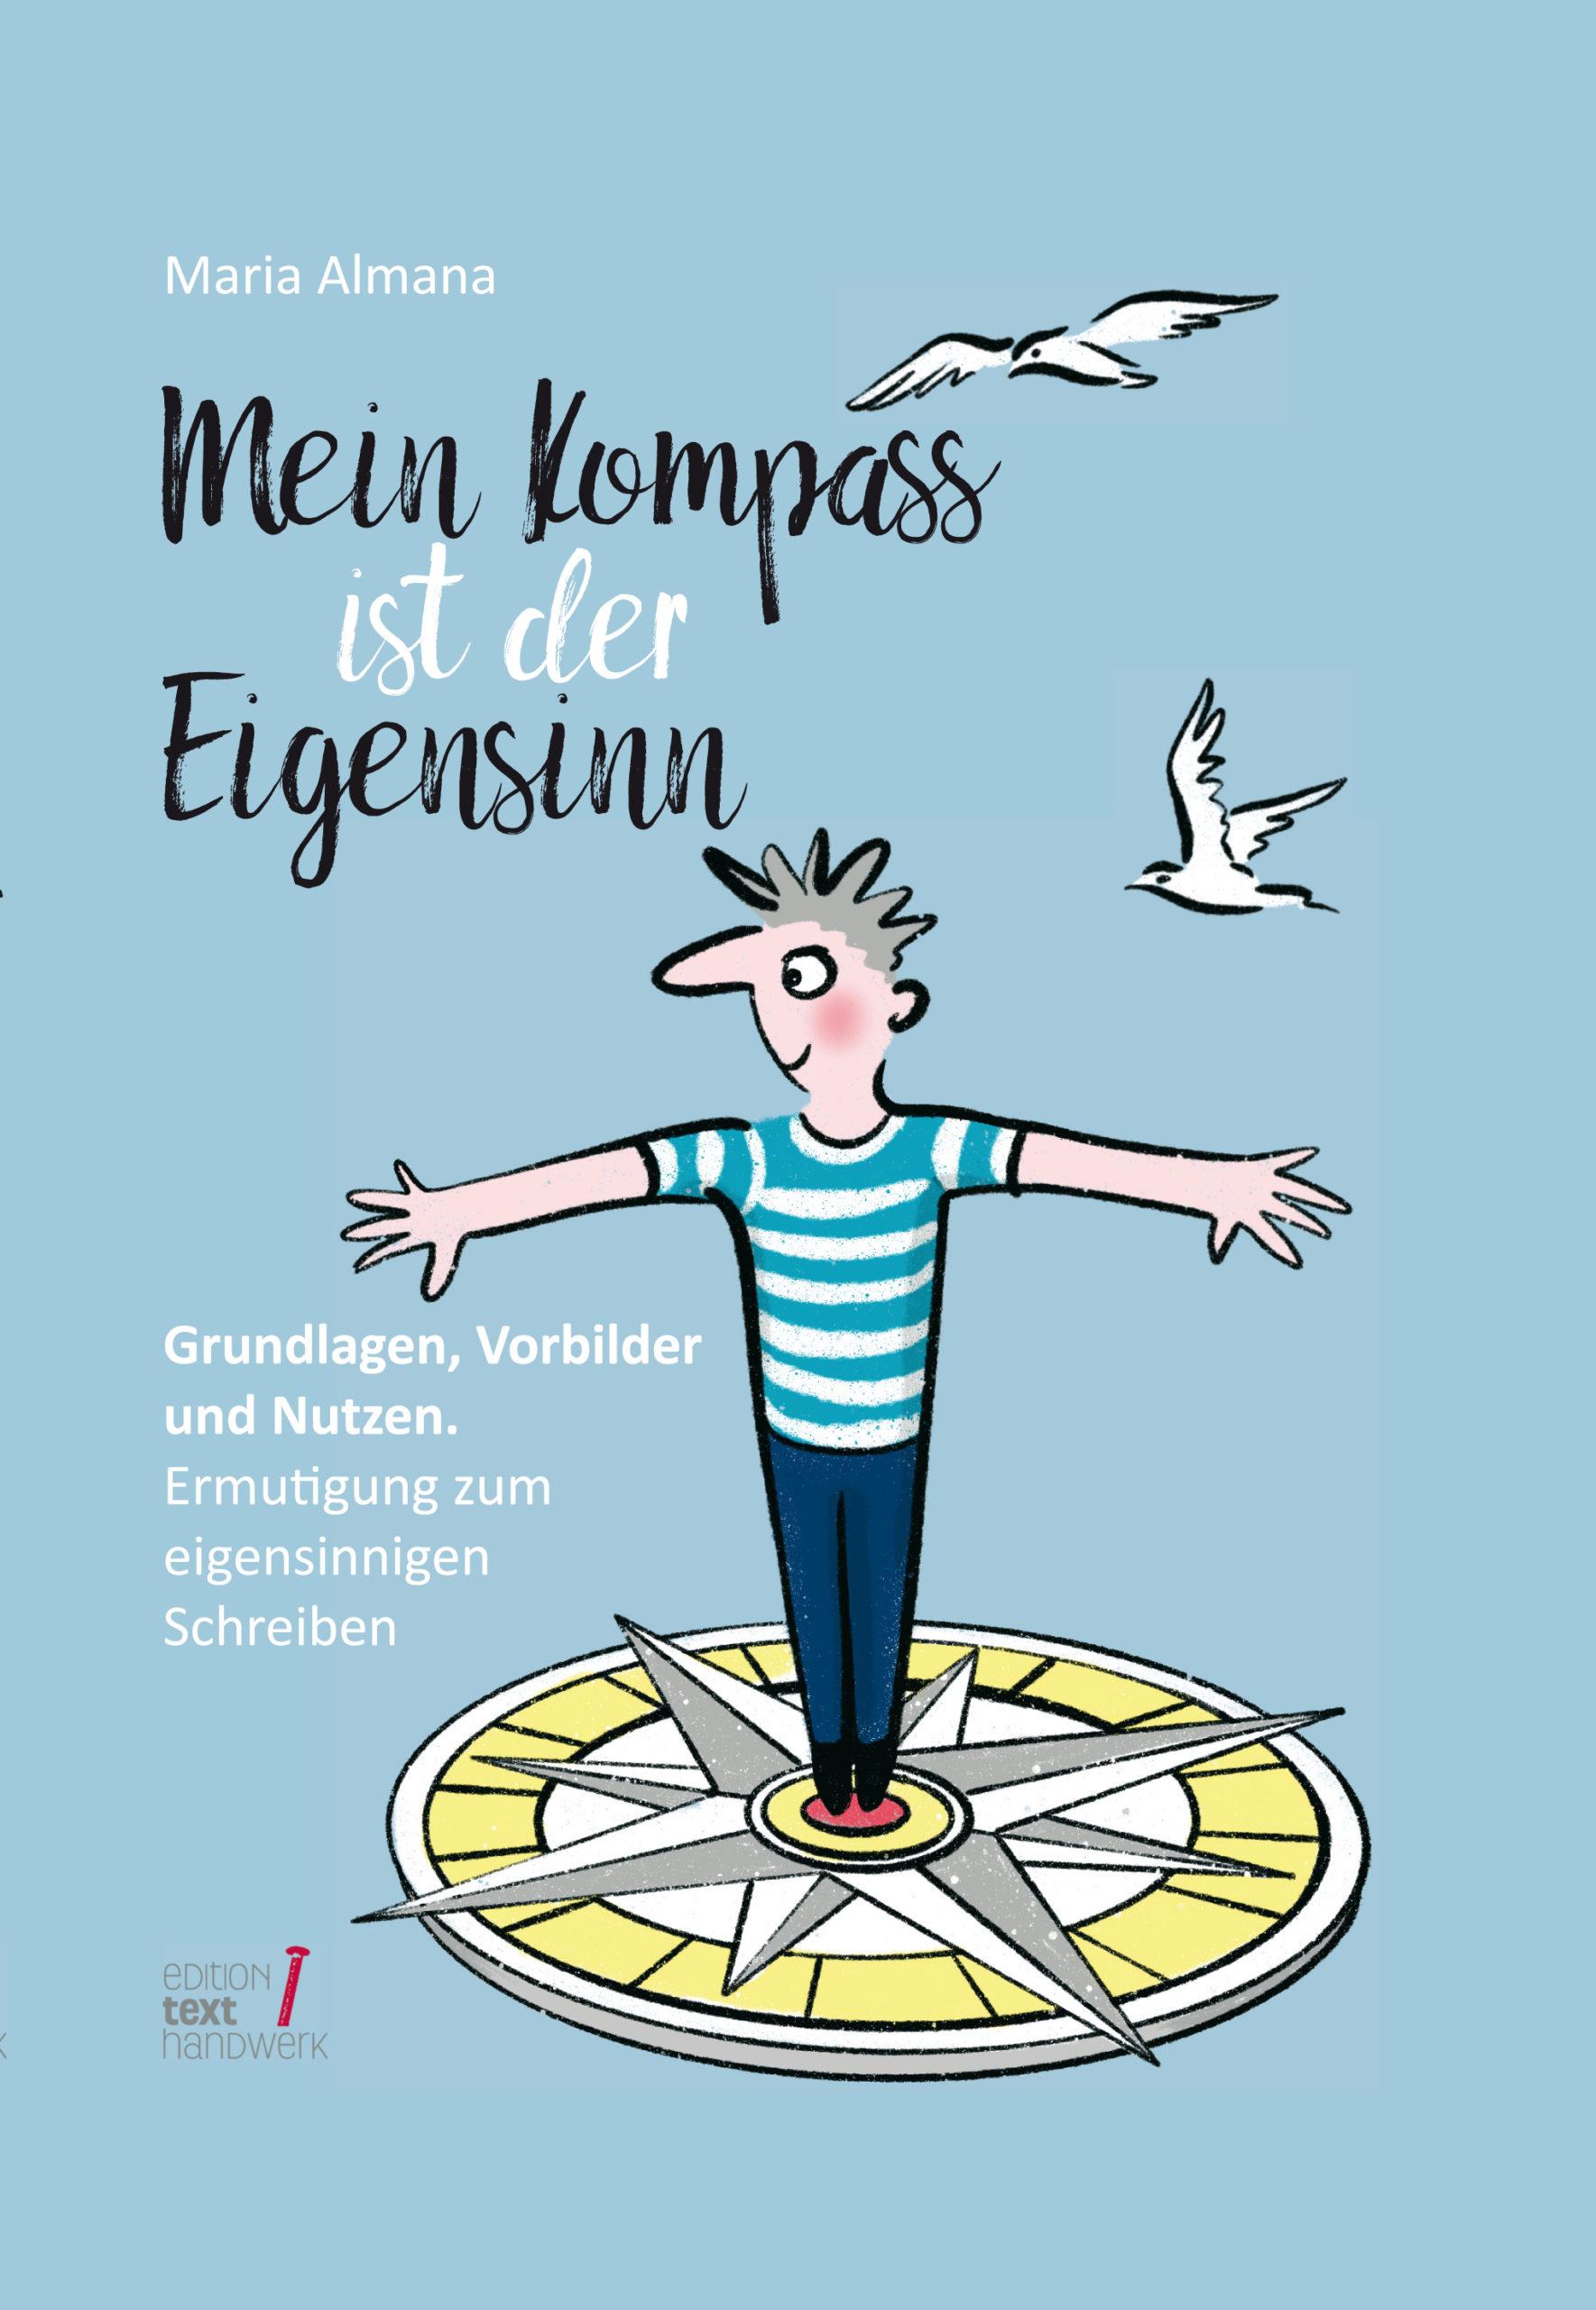 Eigensinn, Kompass Eigensinn, Autor werden, Autorin werden, selber schreiben, schreiben mit Eigensinn, Bücher mit Eigensinn, Hermann Hesse, eigensinnig schreiben, eigensinnig werden